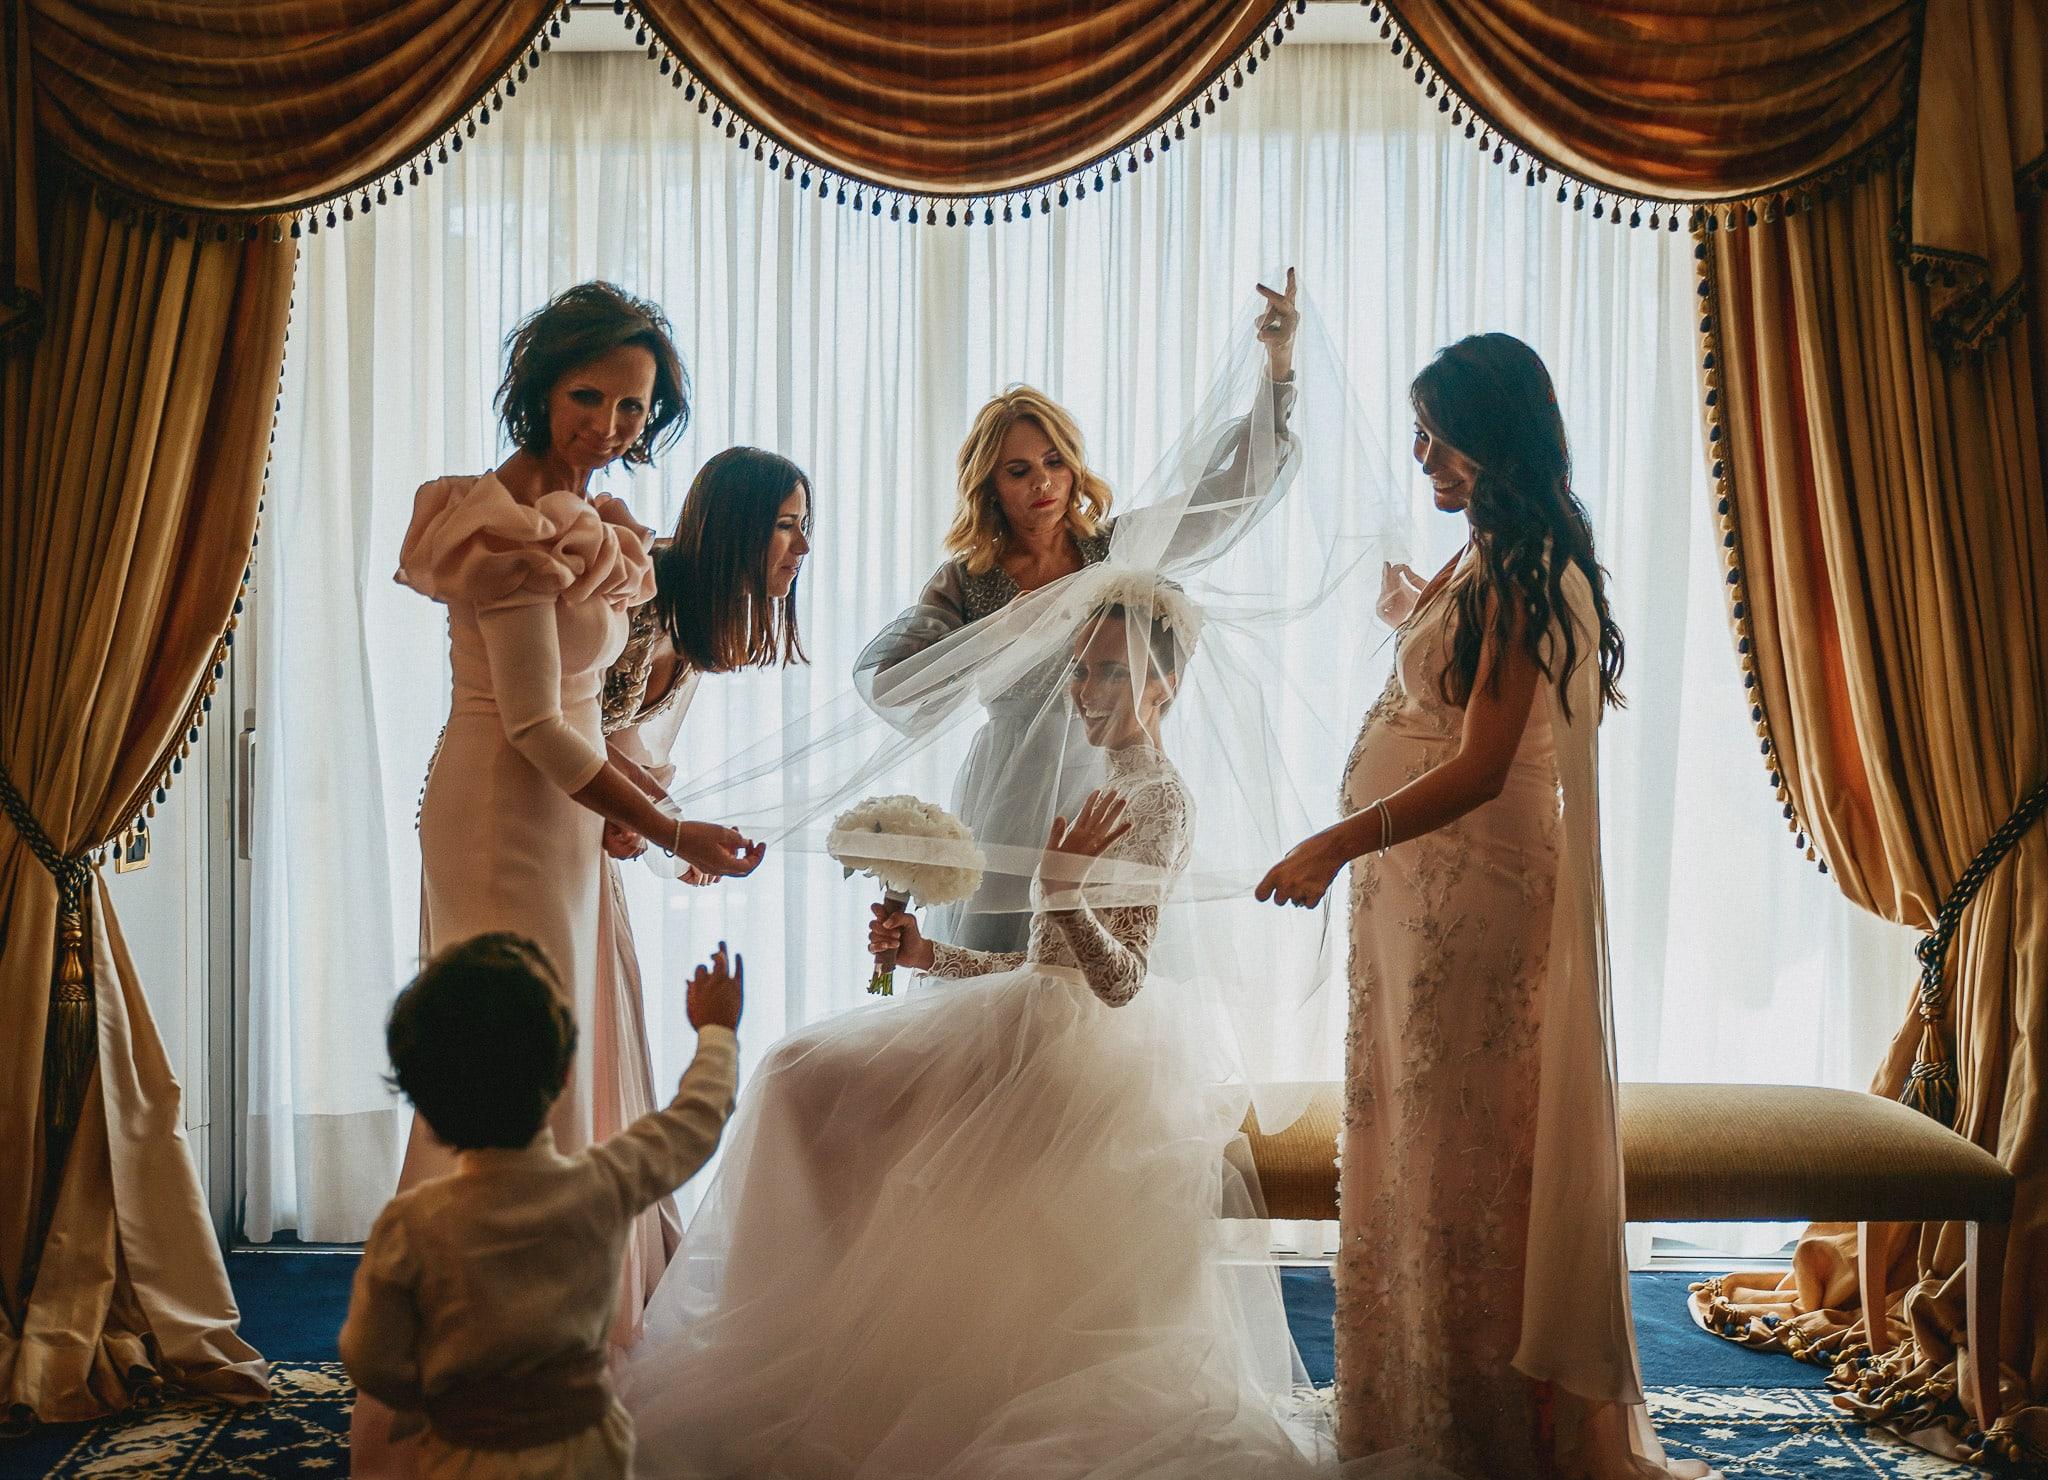 la sposa indossa il velo in una stanza di albergo aiutata dalla mamma e dalle damigelle prima del matrimonio a roma